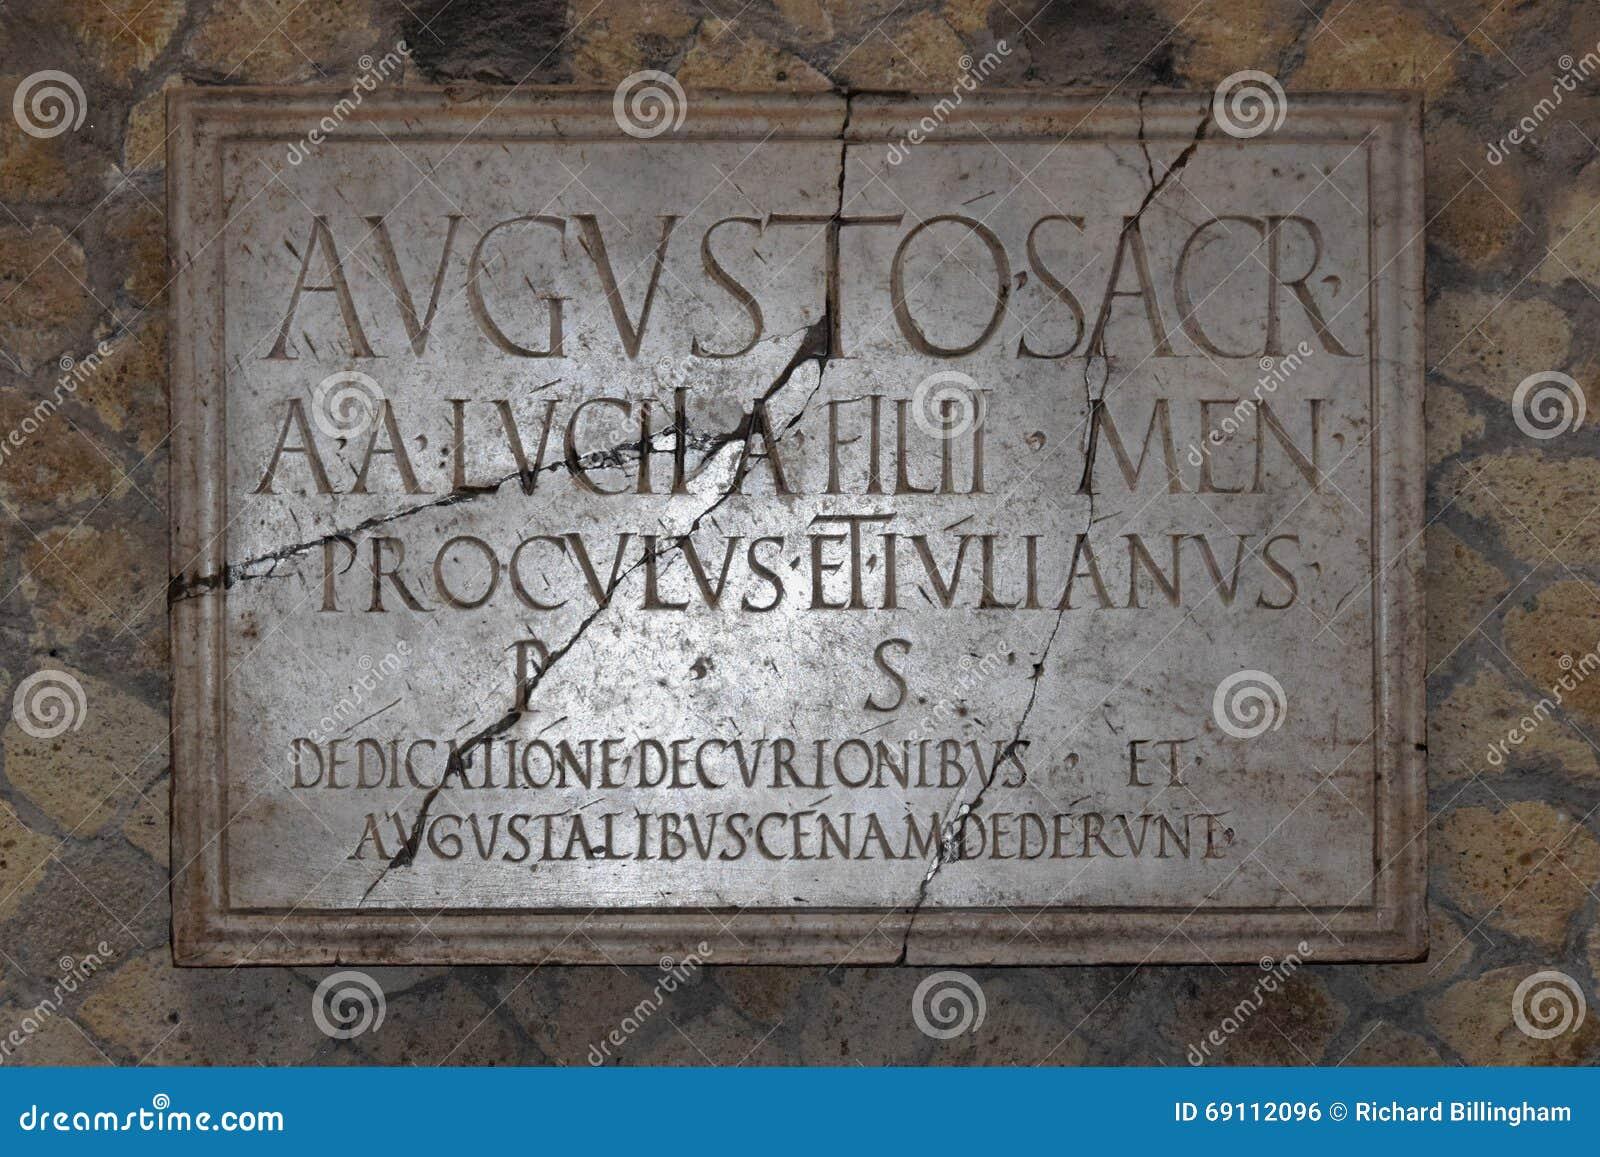 Металлическая пластинка к Augustus, археологическим раскопкам Геркуланума, кампании, Италии